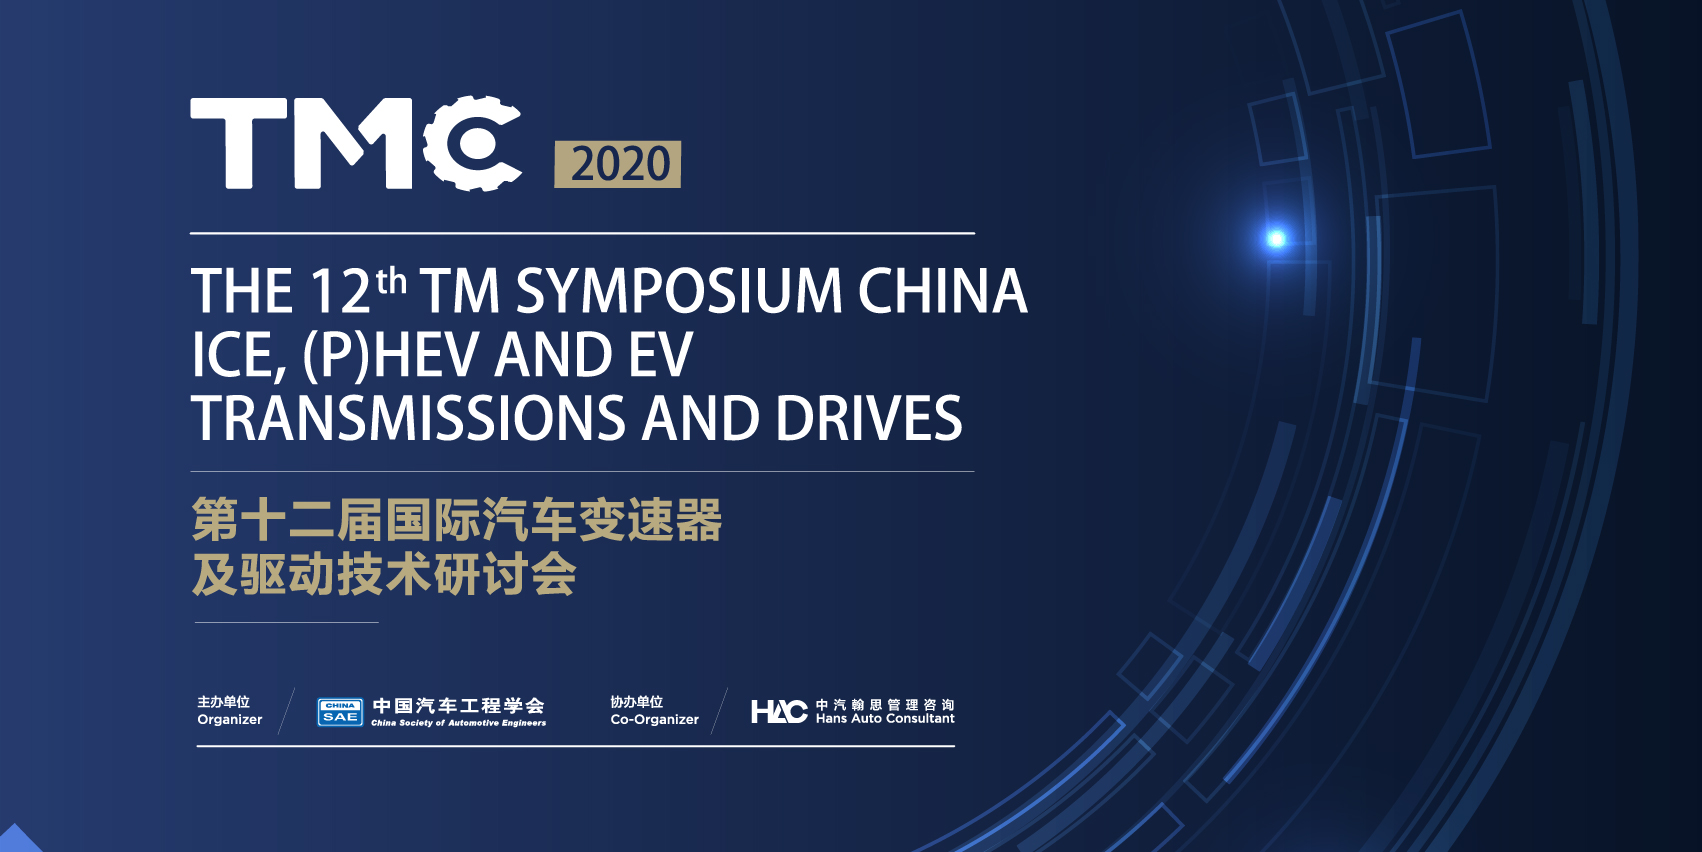 第十二届国际汽车变速器及驱动技术研讨会